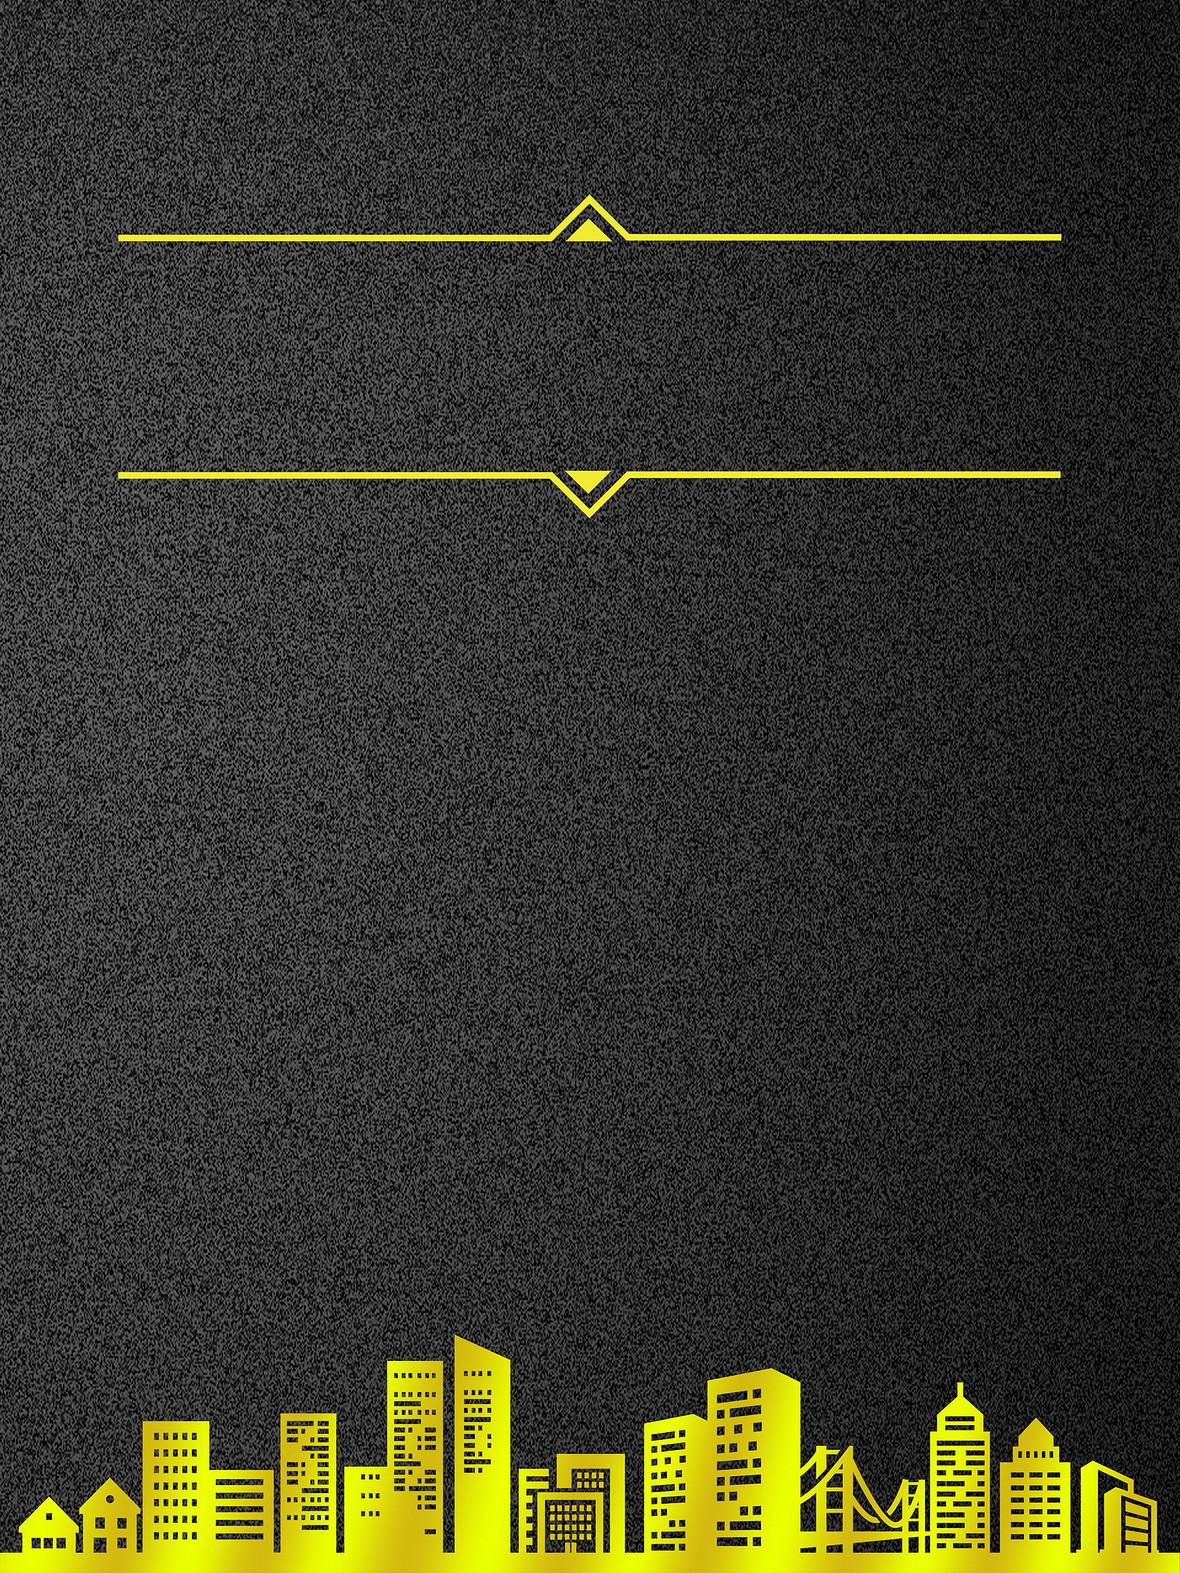 黑色质感建筑地产海报背景素材